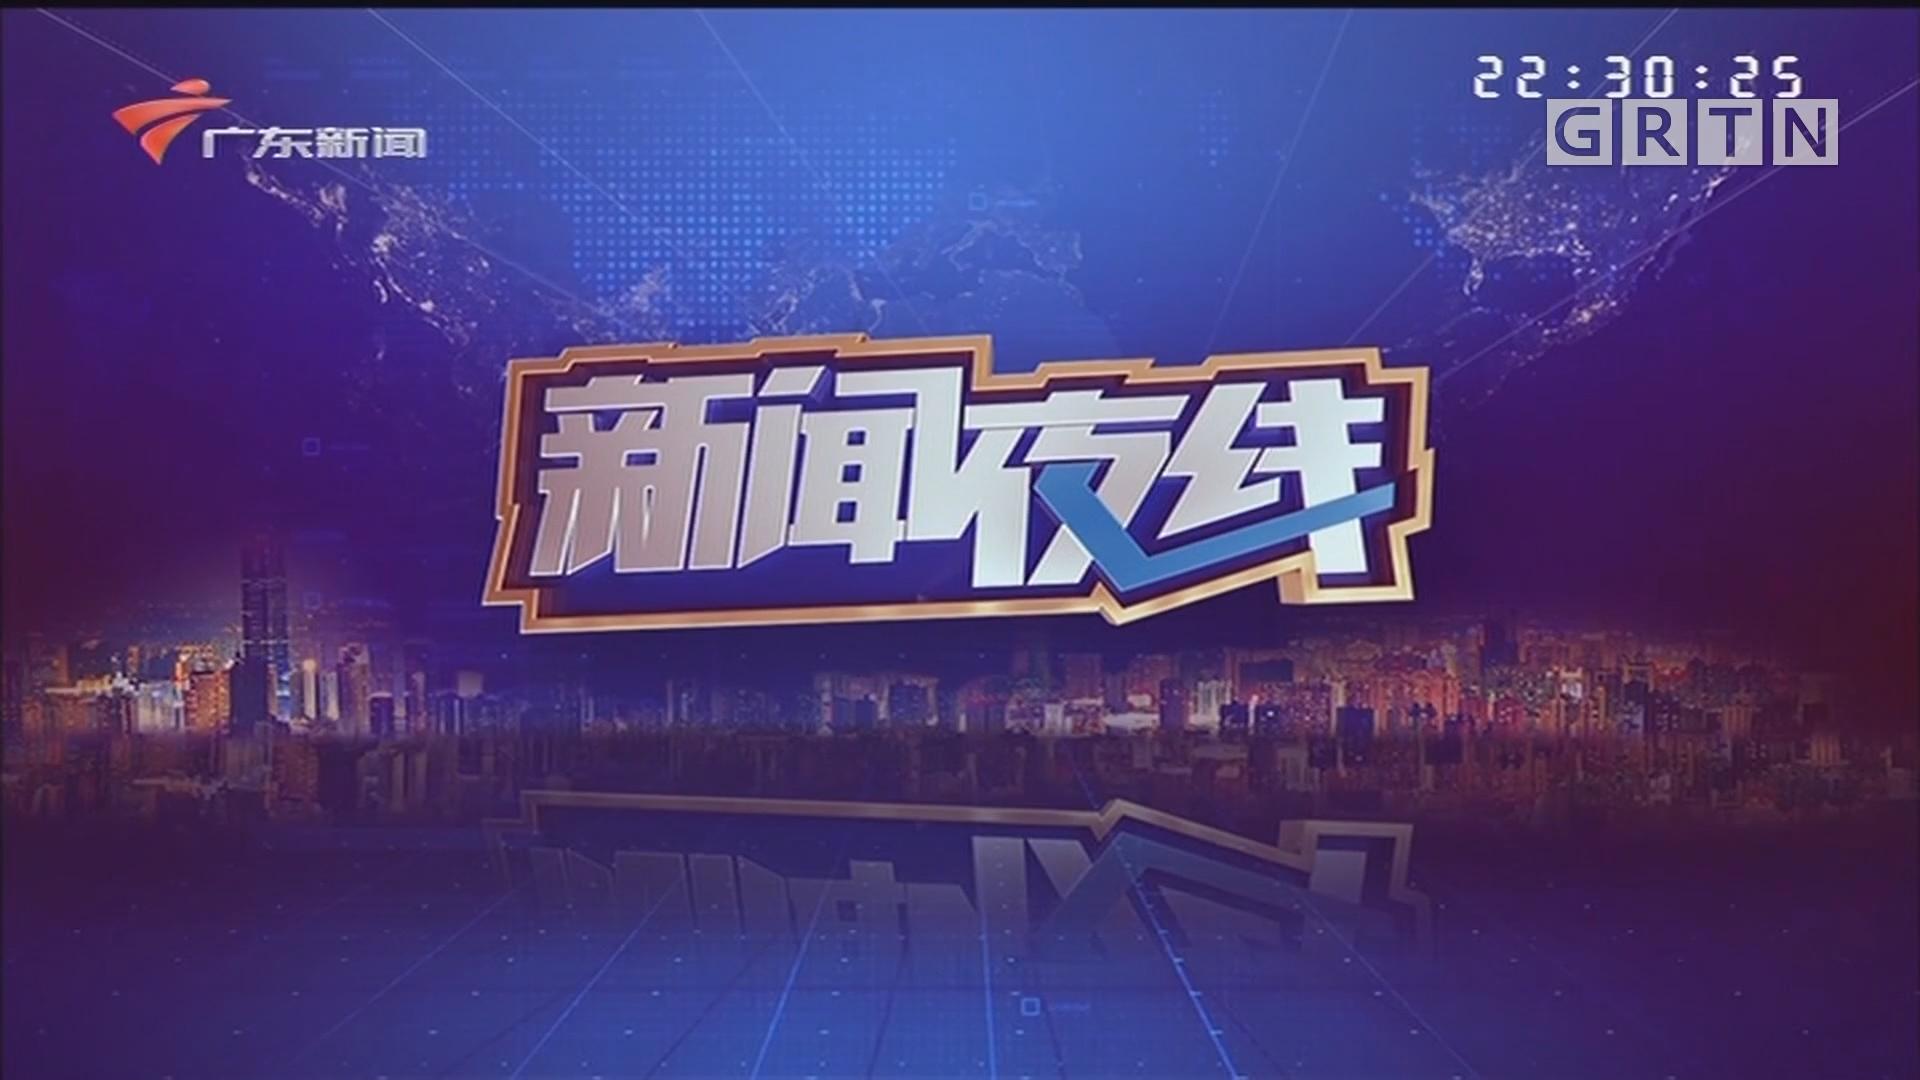 [HD][2020-05-24]新聞夜線:全國兩會特別報道 王毅:各國應攜手構建人類命運共同體